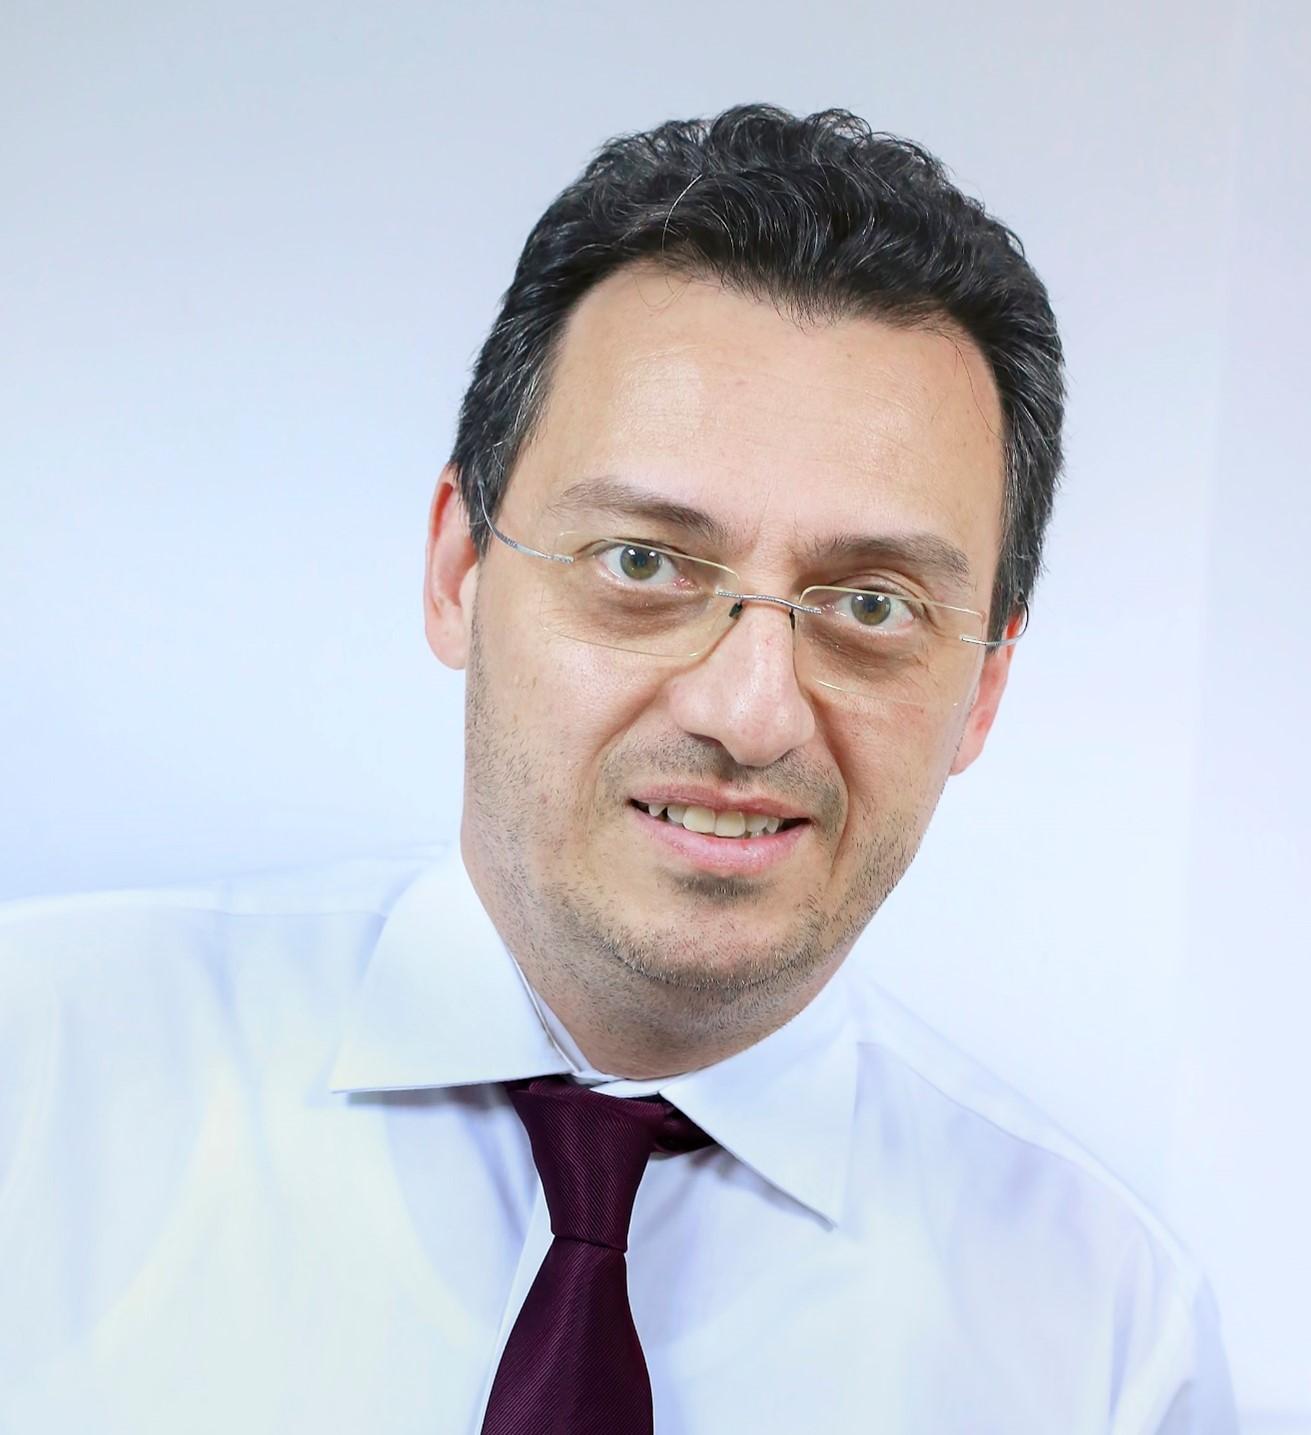 Meet Radu Ionescu, the new CEO of Cumulus image